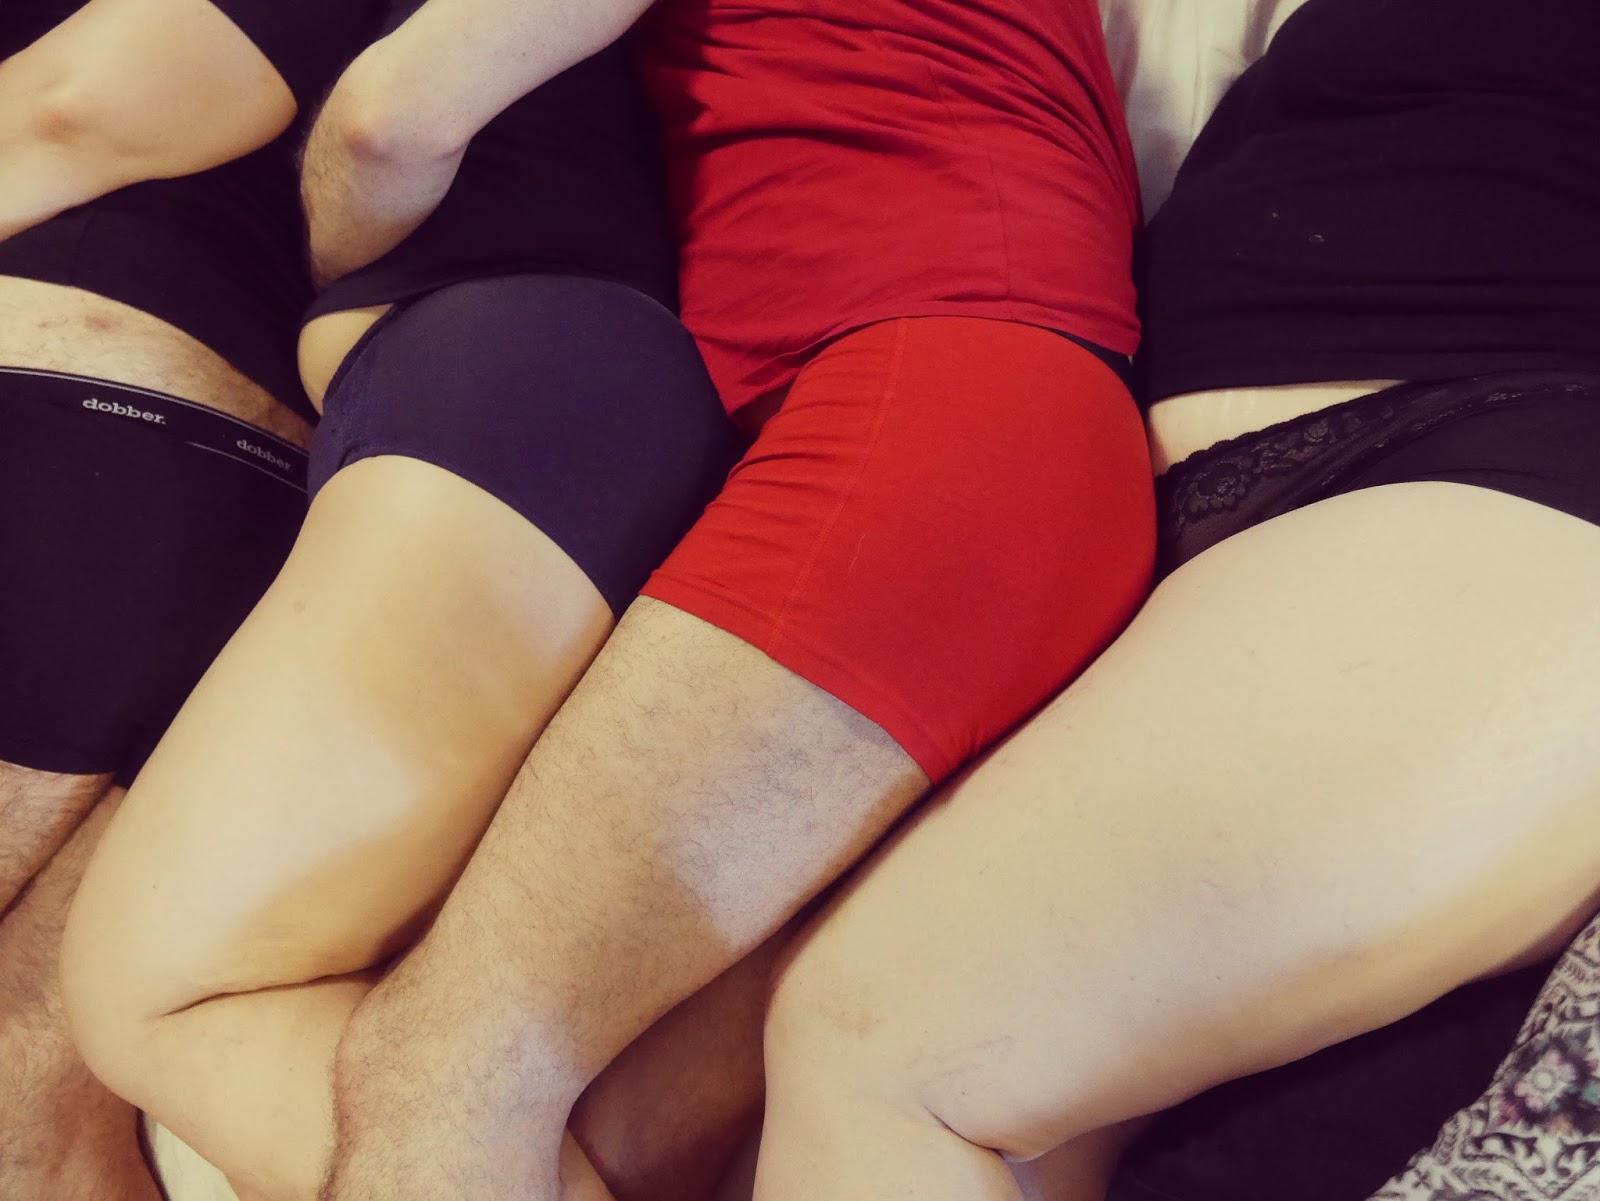 fkk tyskland cornelis vreeswijk transvestit homo